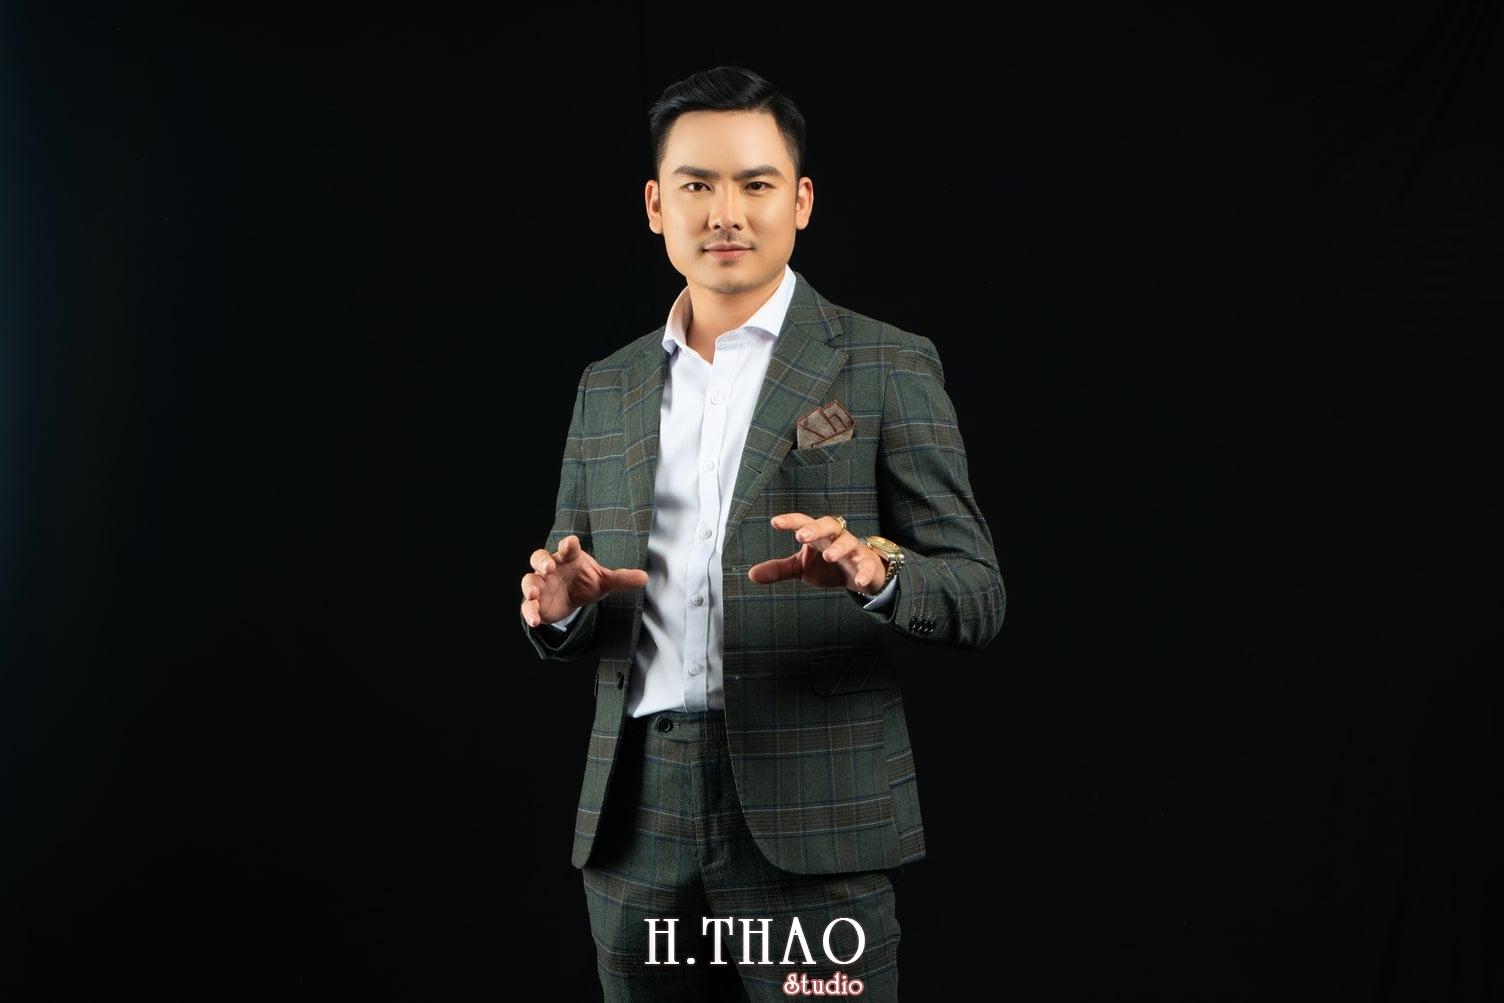 Anh Doanh nhan 37 - Ảnh doanh nhân, CEO & Founder PFT Academy Mr.Tuan Anh – HThao Studio